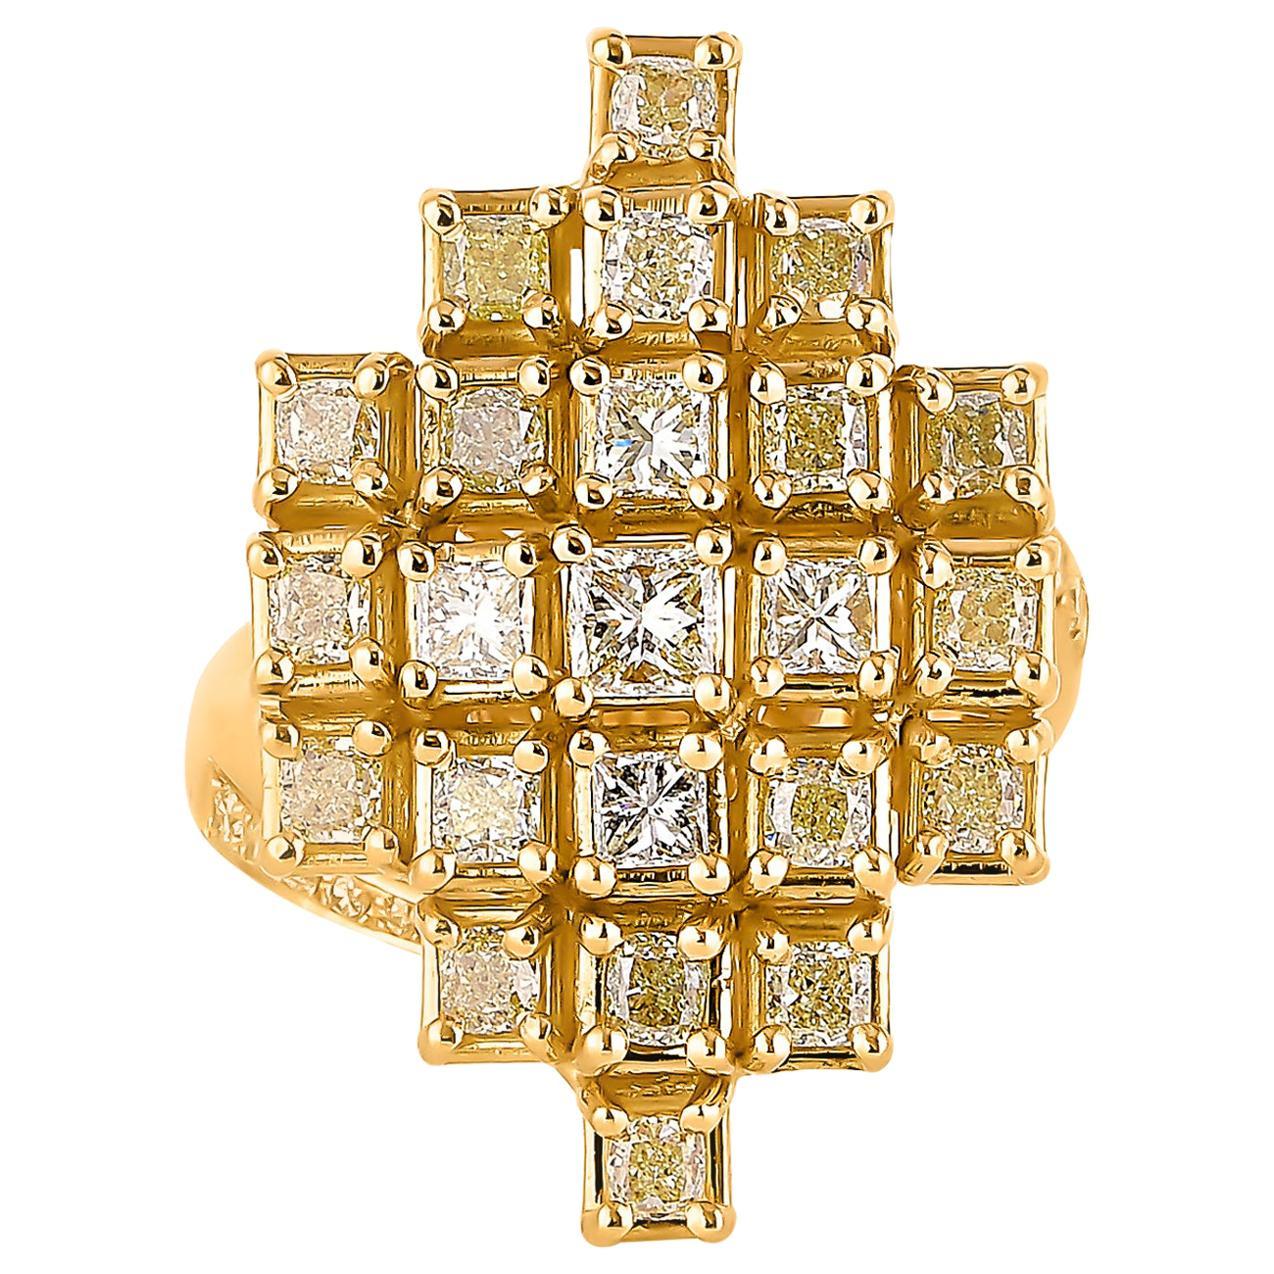 2.3 Carat Yellow Diamond Ring in 18 Karat Yellow Gold